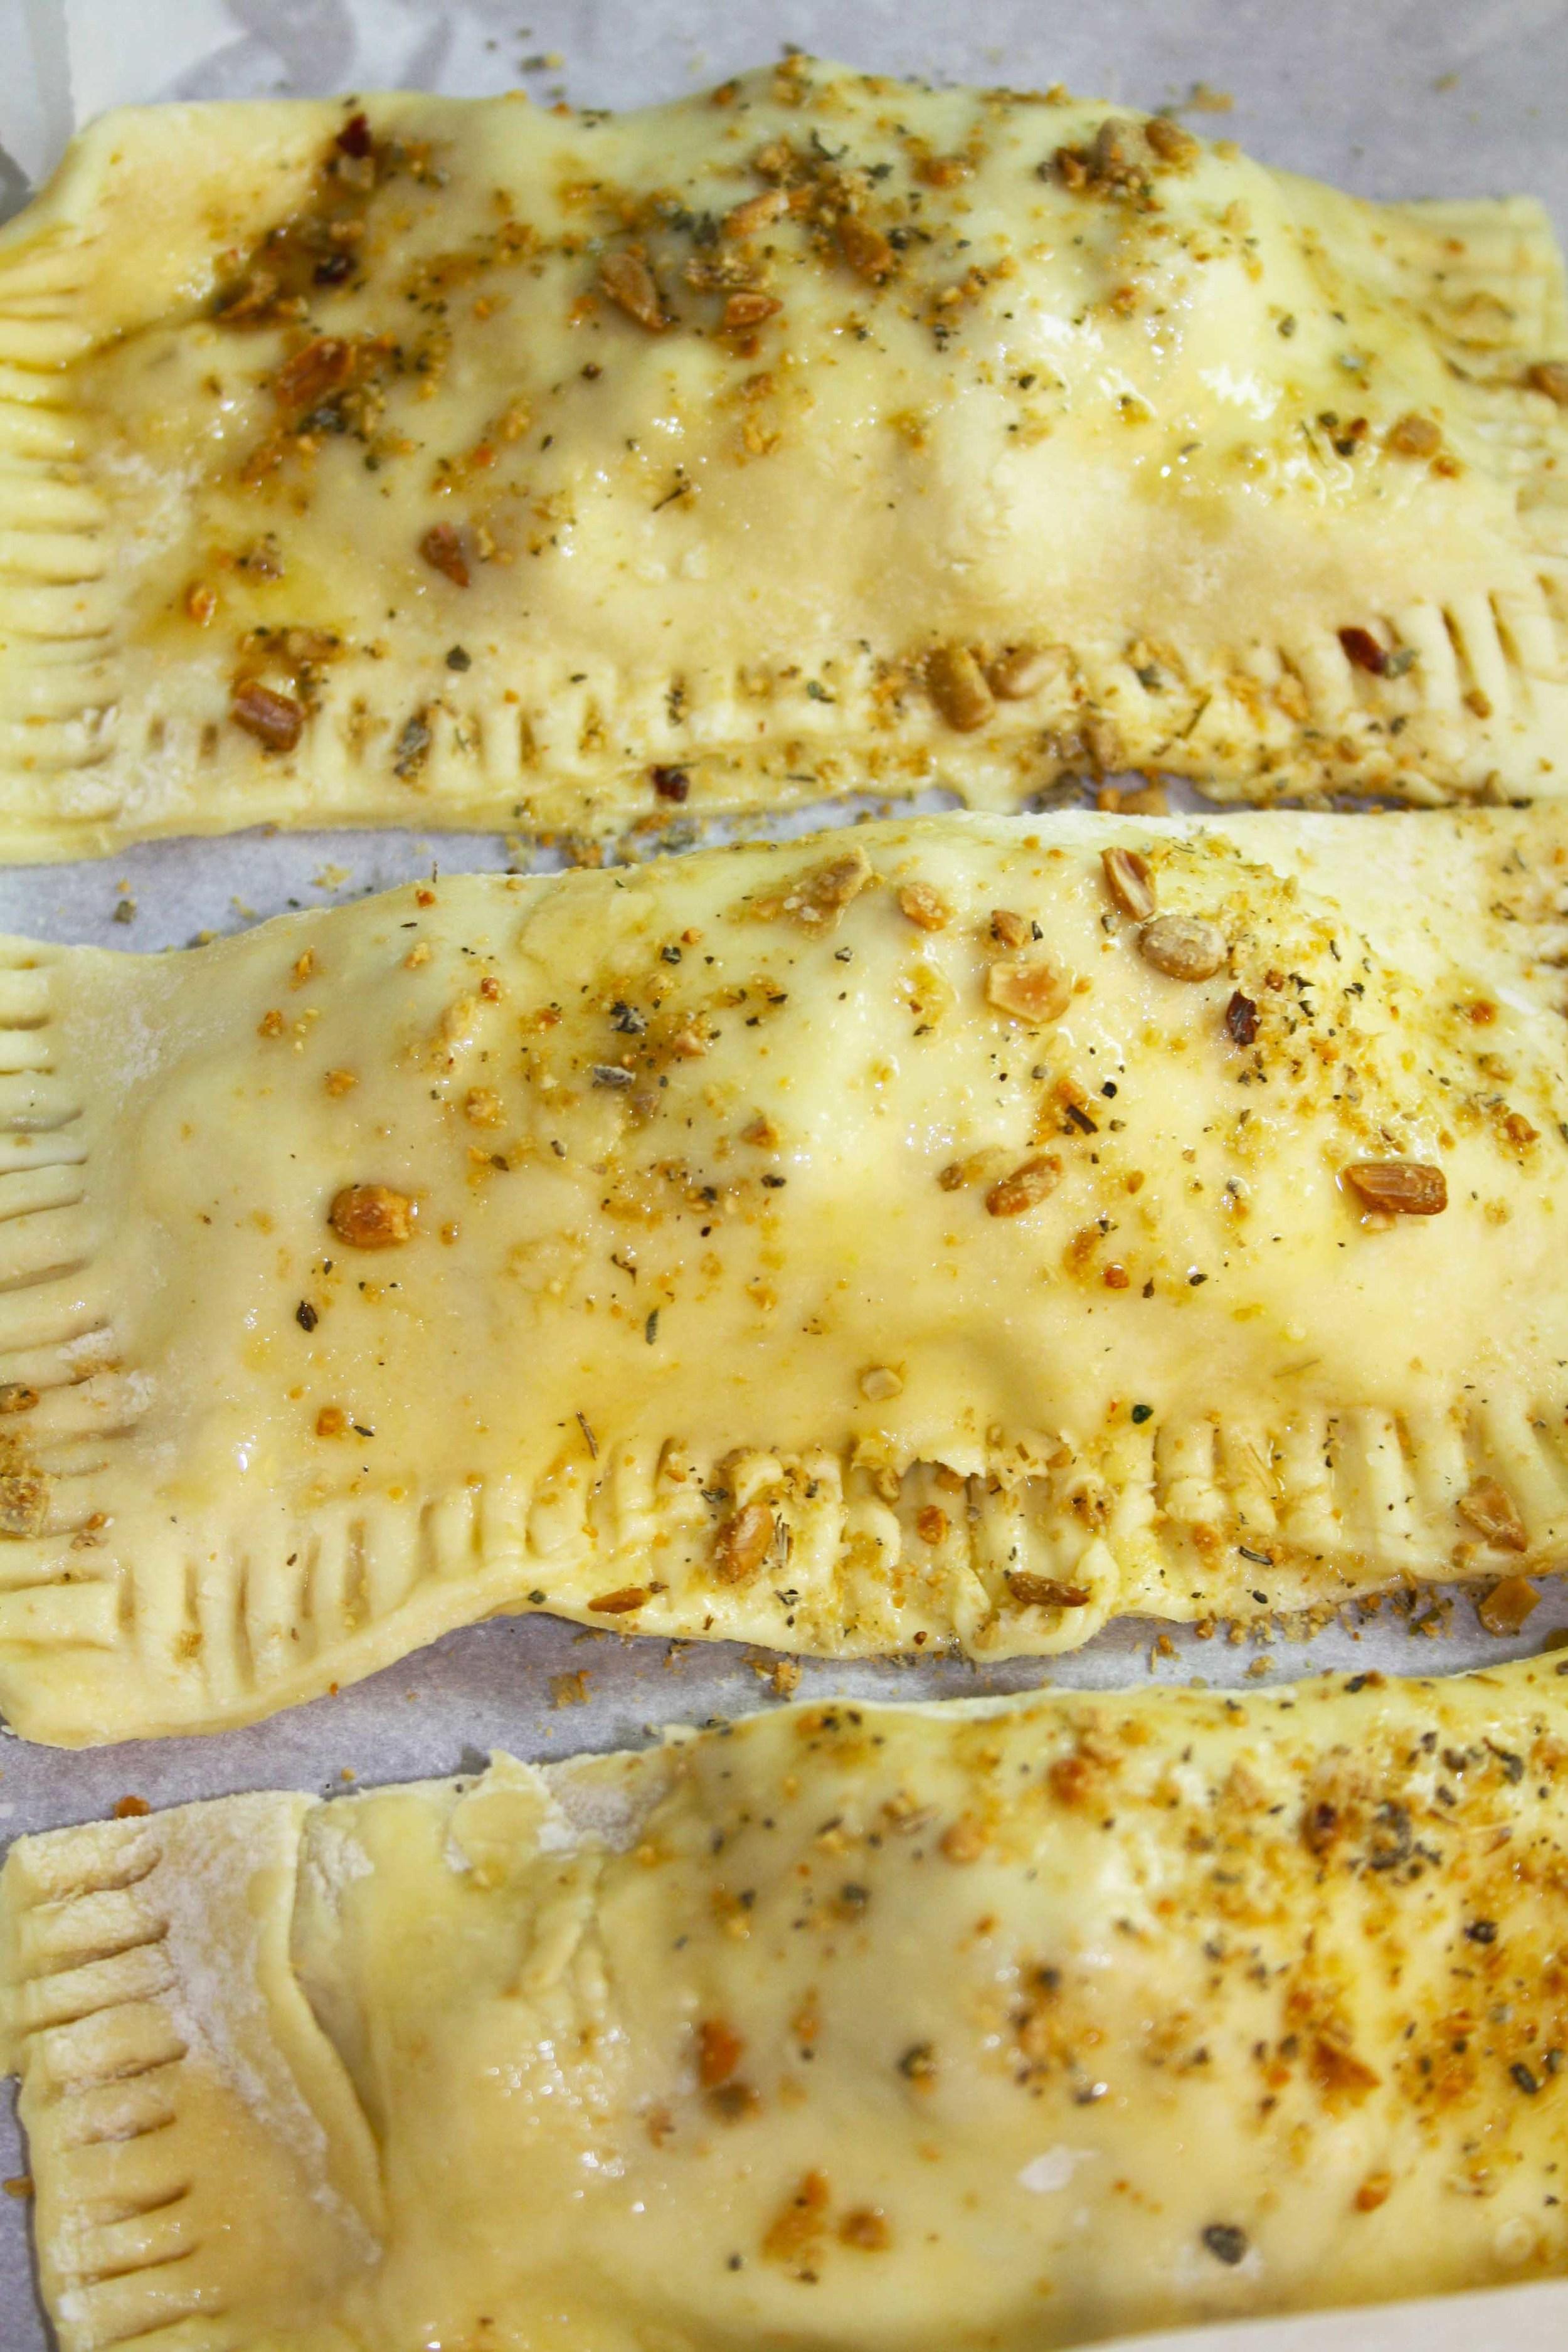 Canuck empanadas